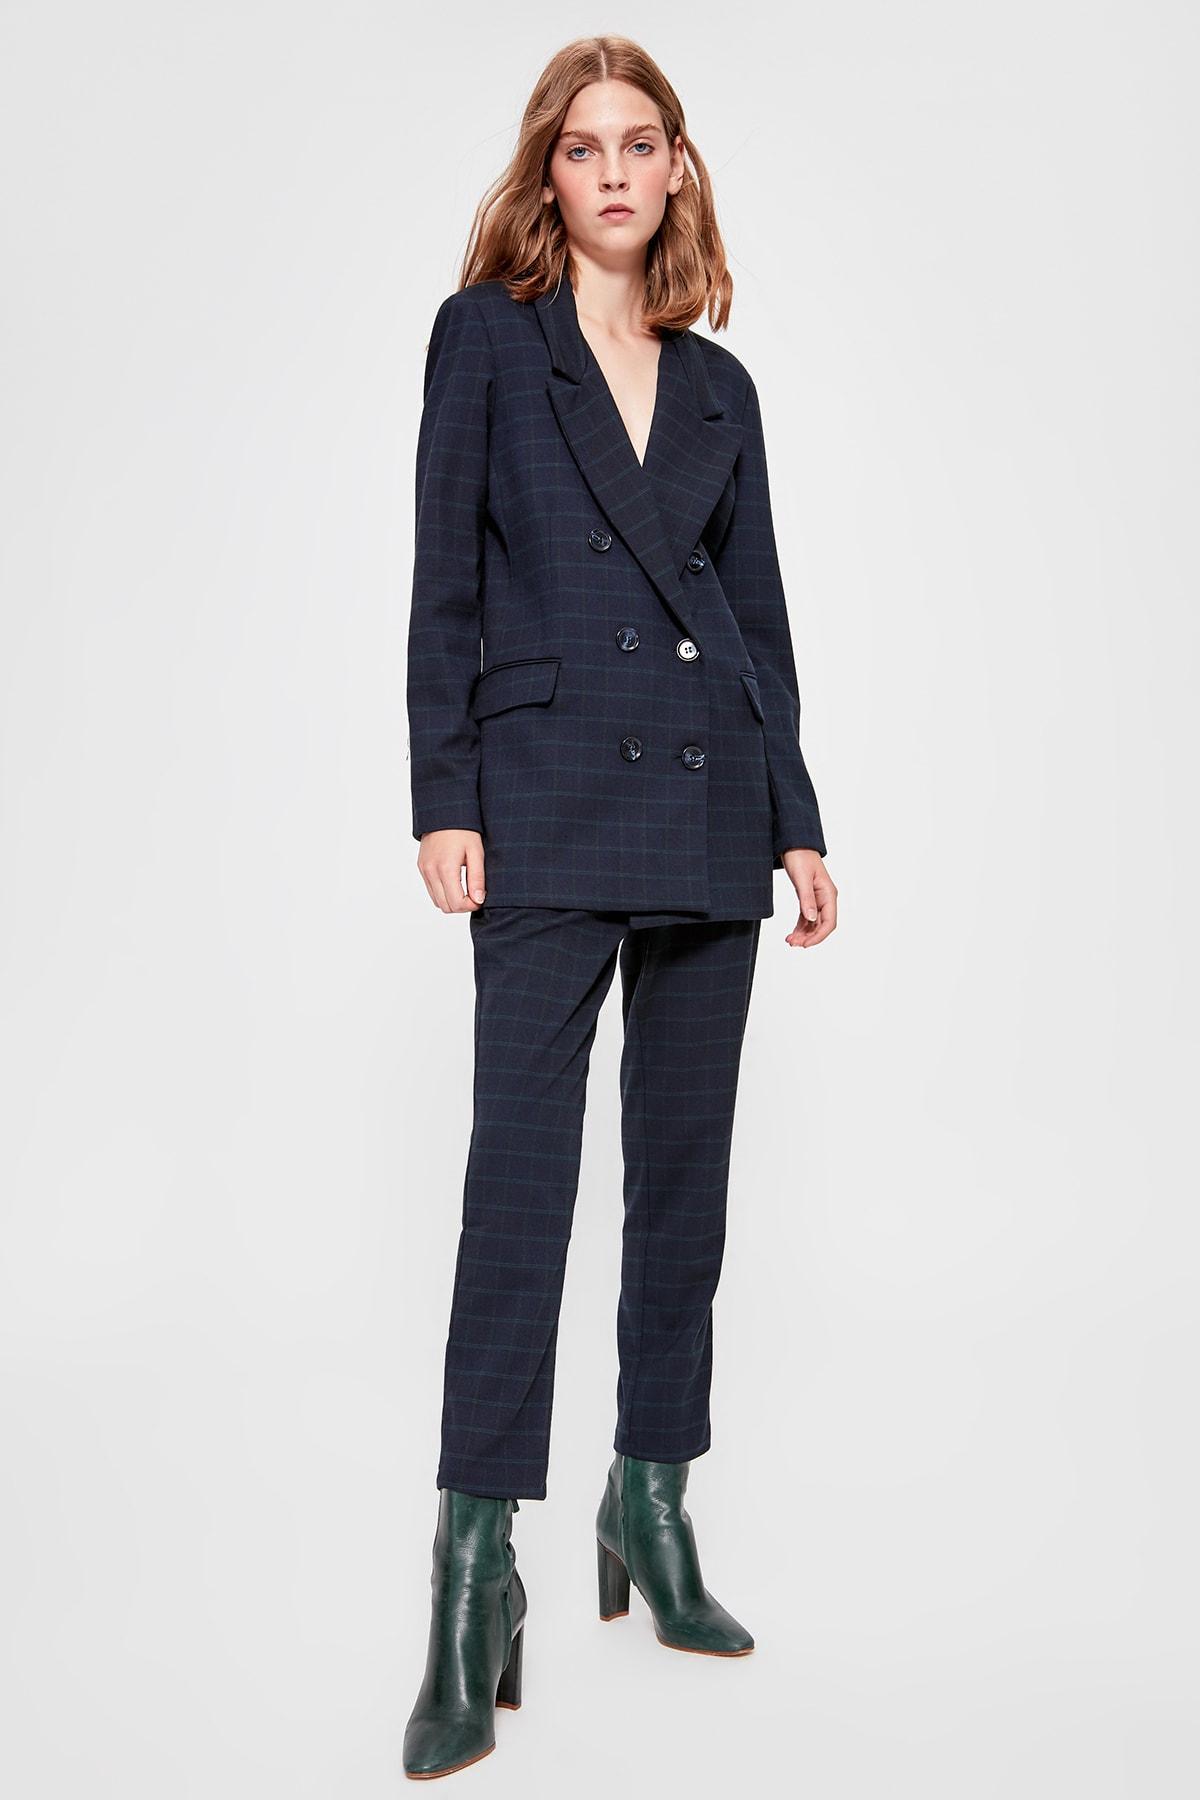 Trendyol Navy Blue Striped Pants TWOAW20PL0213